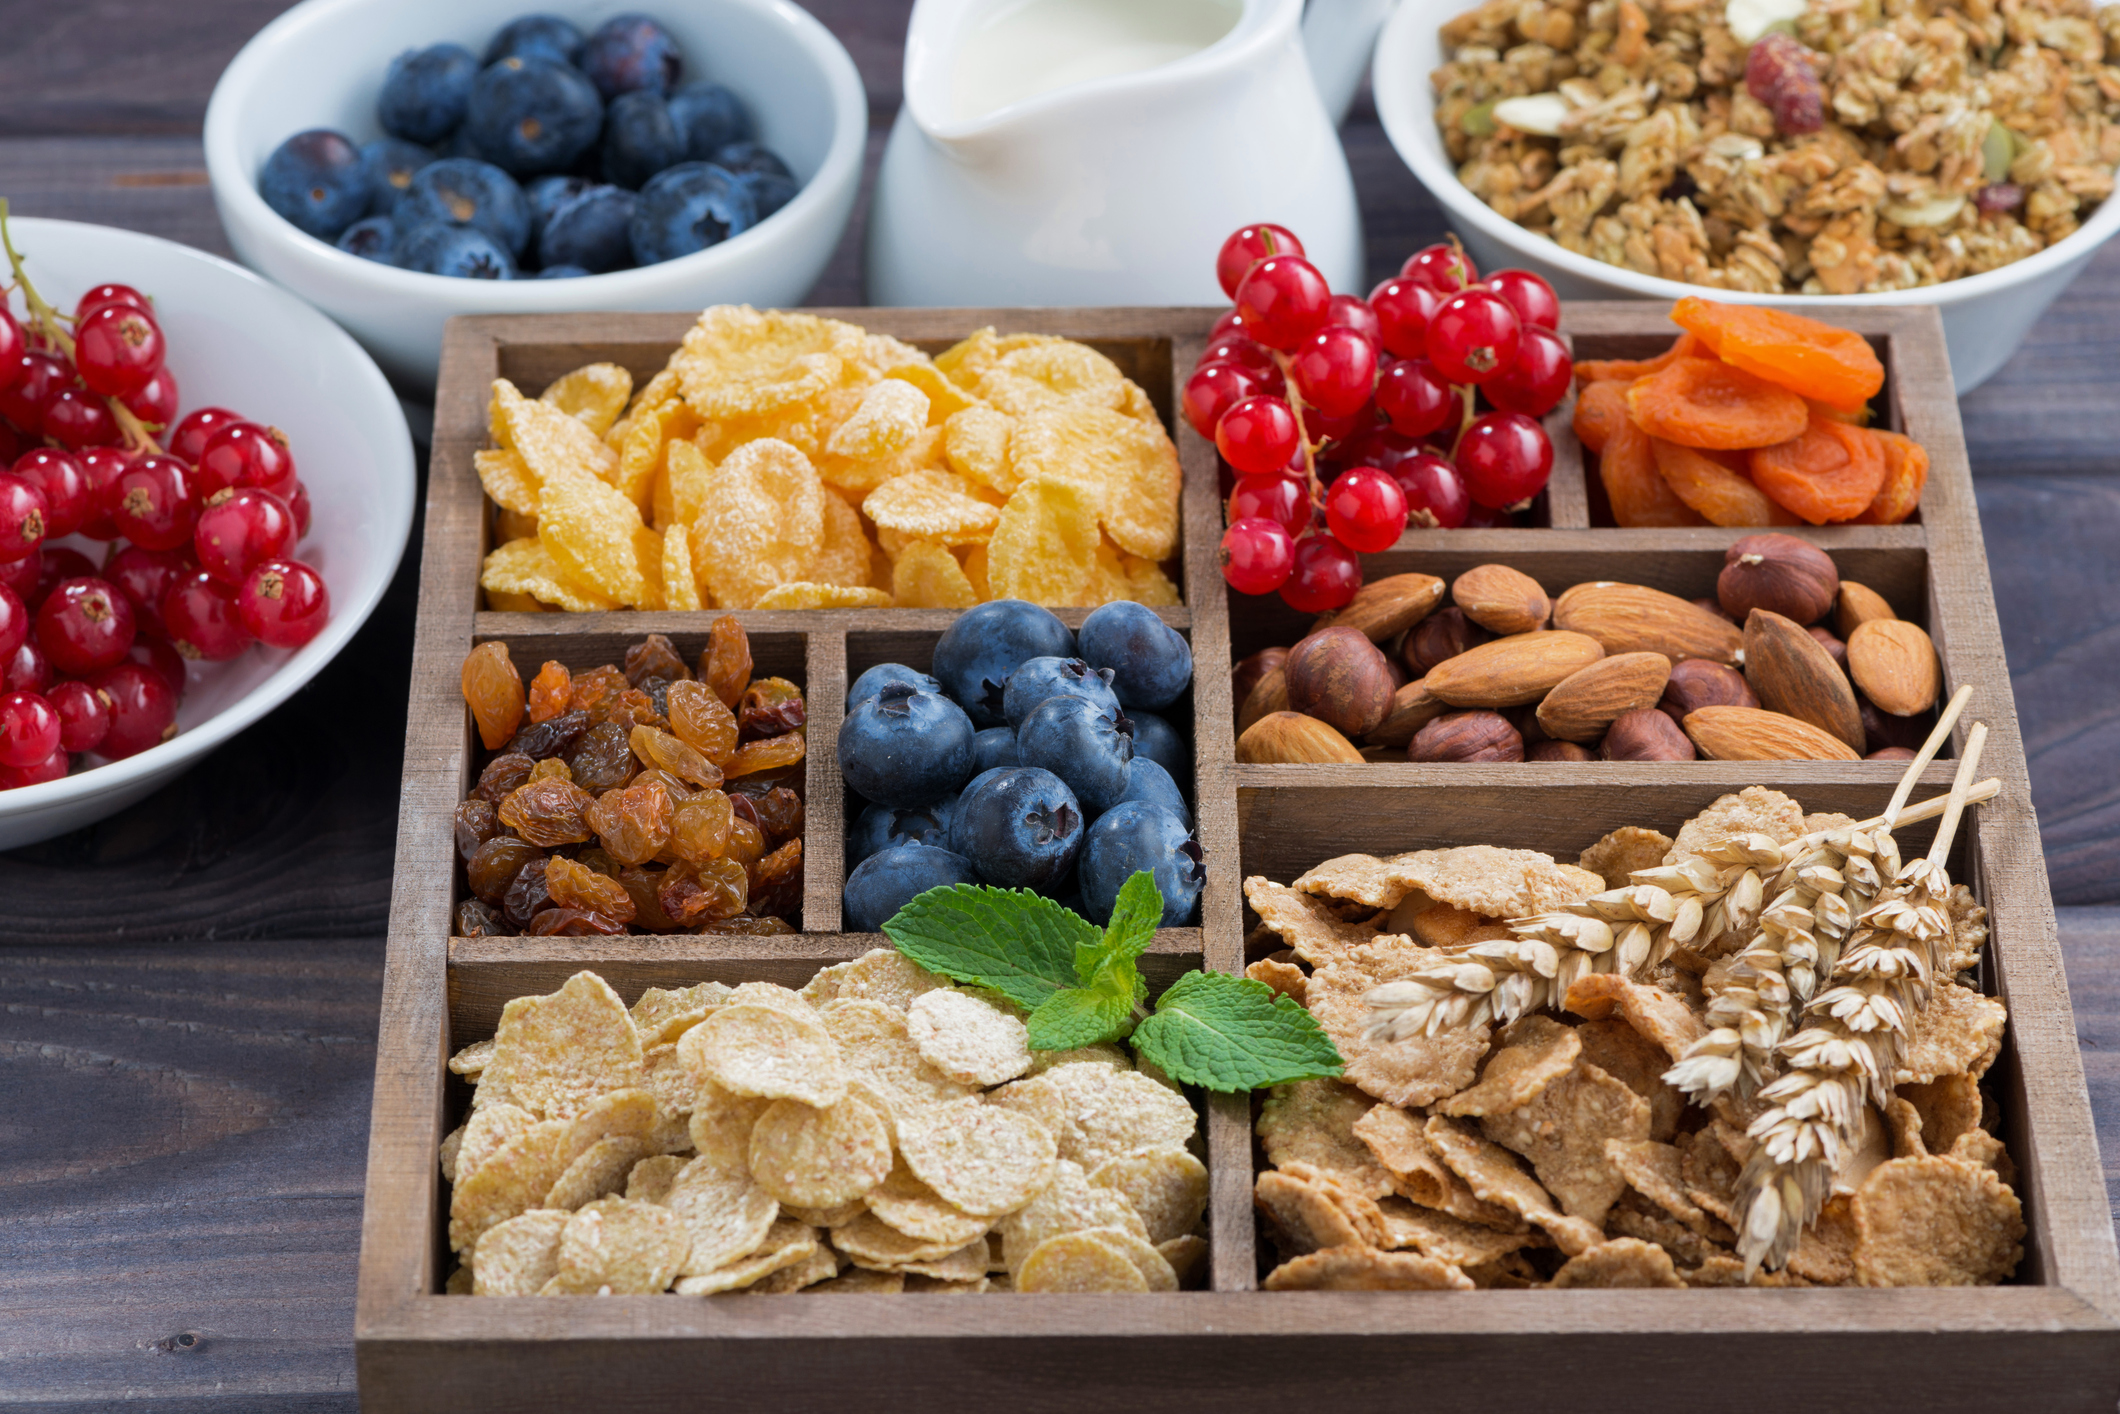 under 50 calorie snacks 5 2 diet ideas fatgirlskinny net